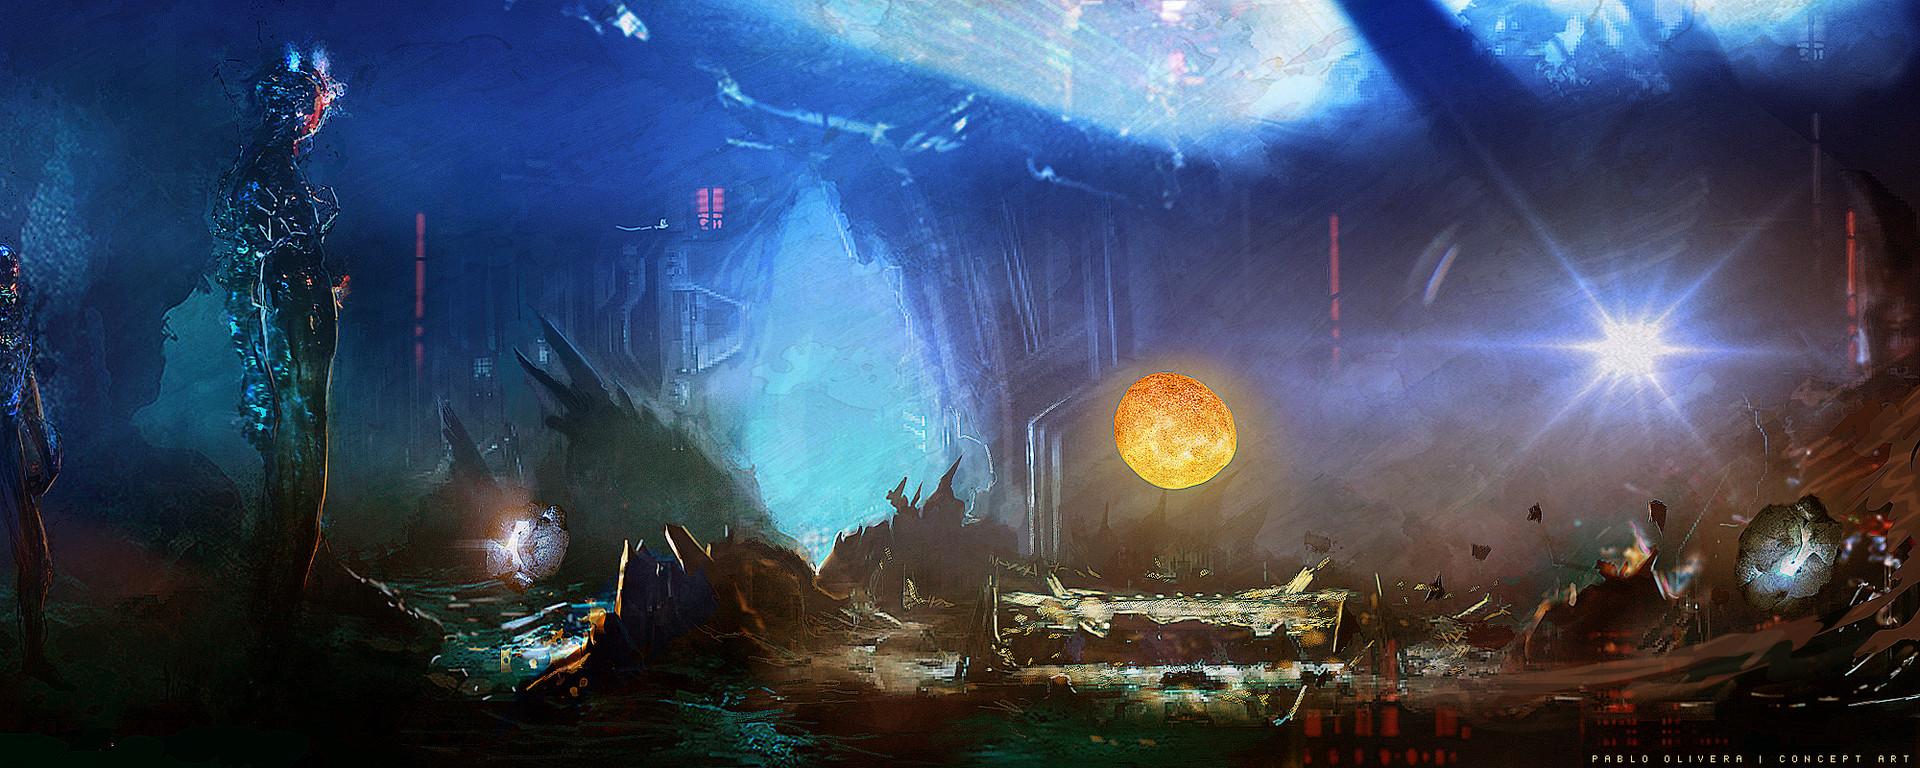 Pablo olivera concept lunar 04